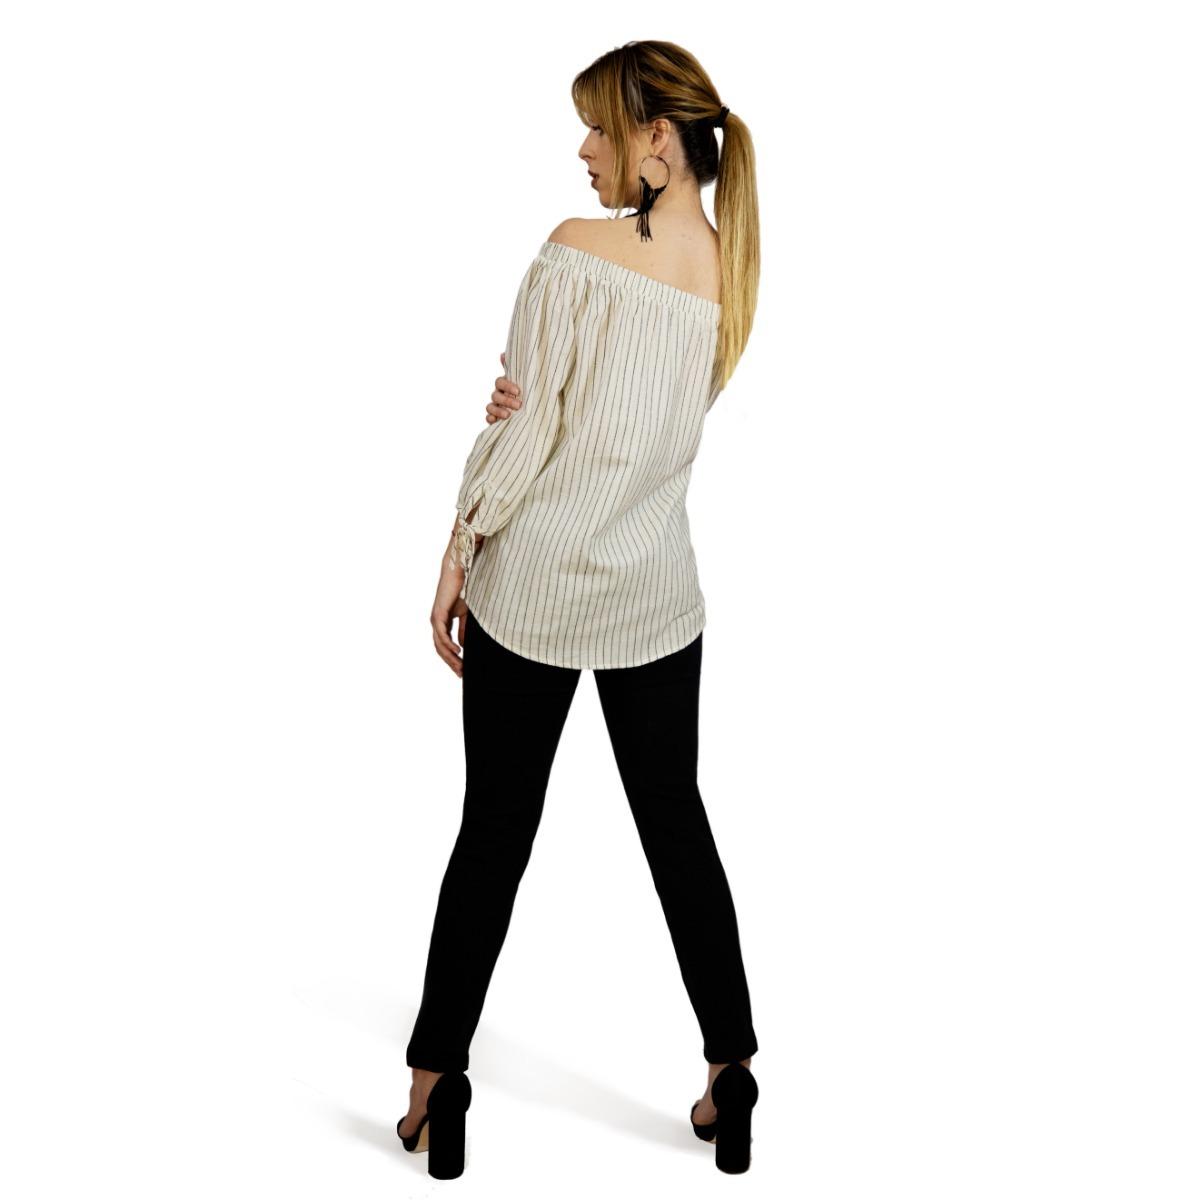 77fe975567fba blusas camisas camisolas mujer rayon hombros descubiertos. Cargando zoom.